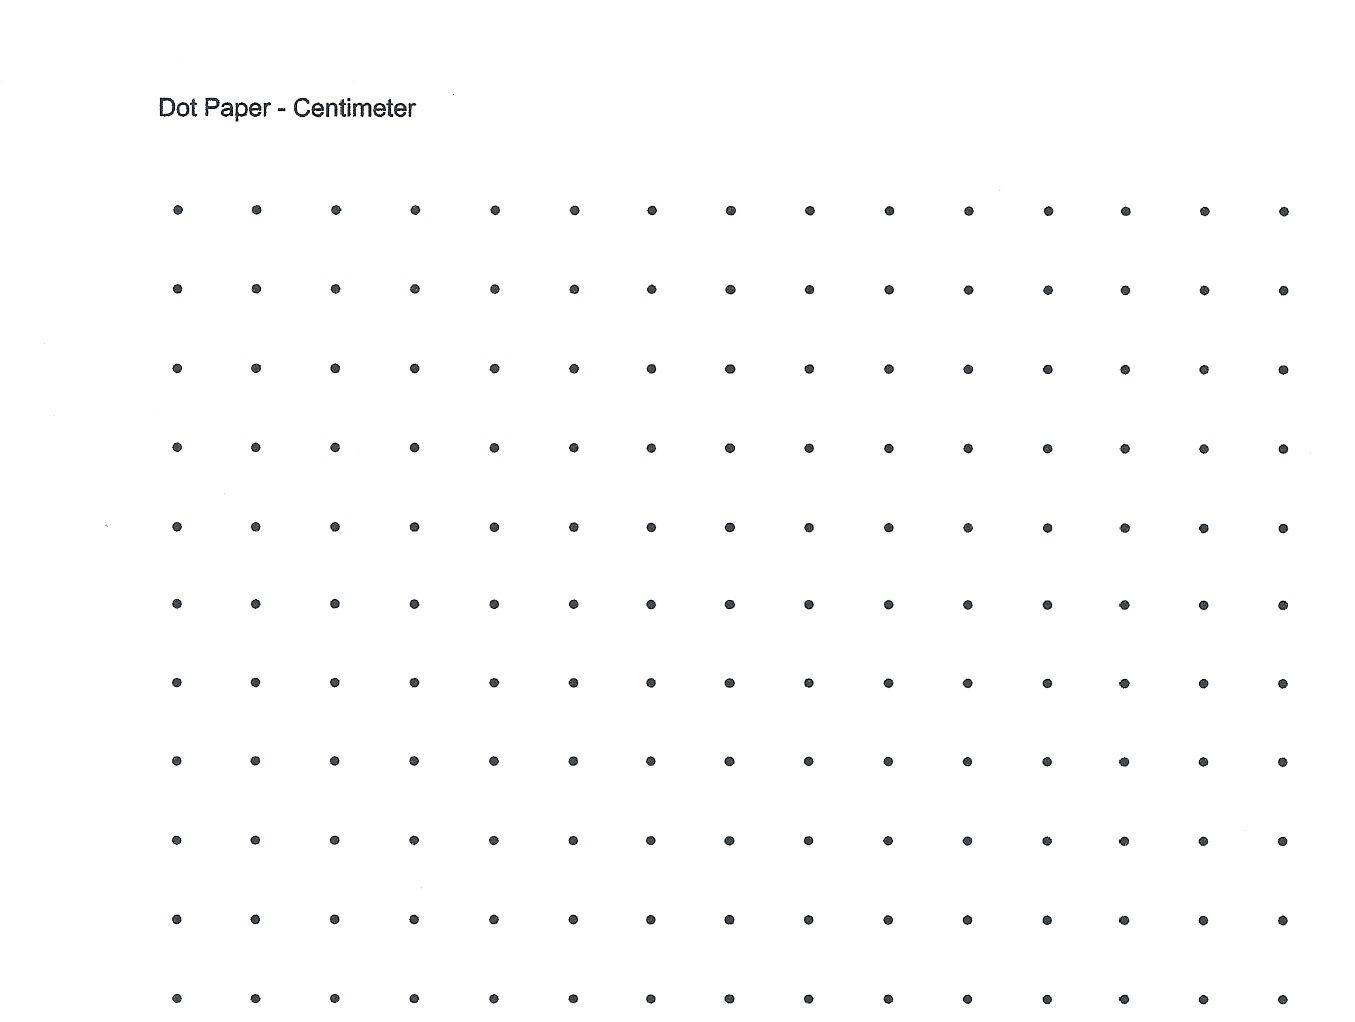 Free Printable Cetameter Dot Grid   Centimeter Dot Graph Paper For - Free Printable Square Dot Paper